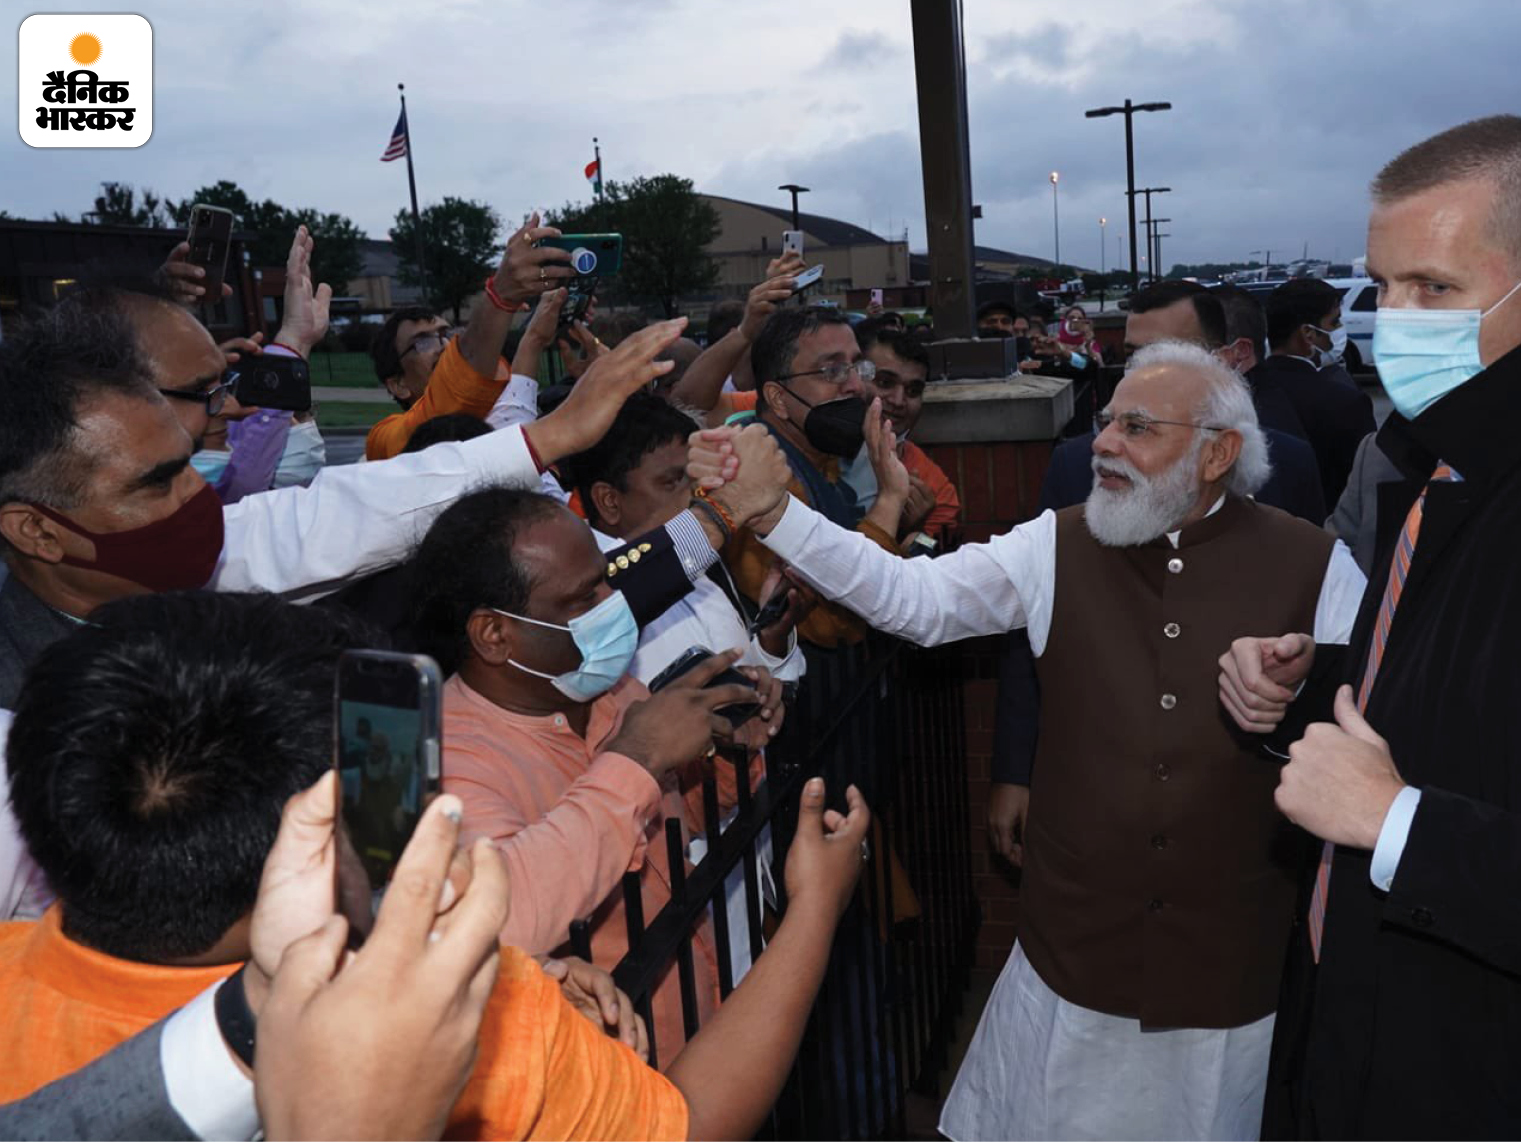 वॉशिंगटन एयरपोर्ट के बाहर मोदी को देखने के लिए काफी भीड़ थी। यहां एक व्यक्ति ने उनकी ओर हाथ बढ़ाया तो मोदी ने भी उनका हाथ थाम लिया।